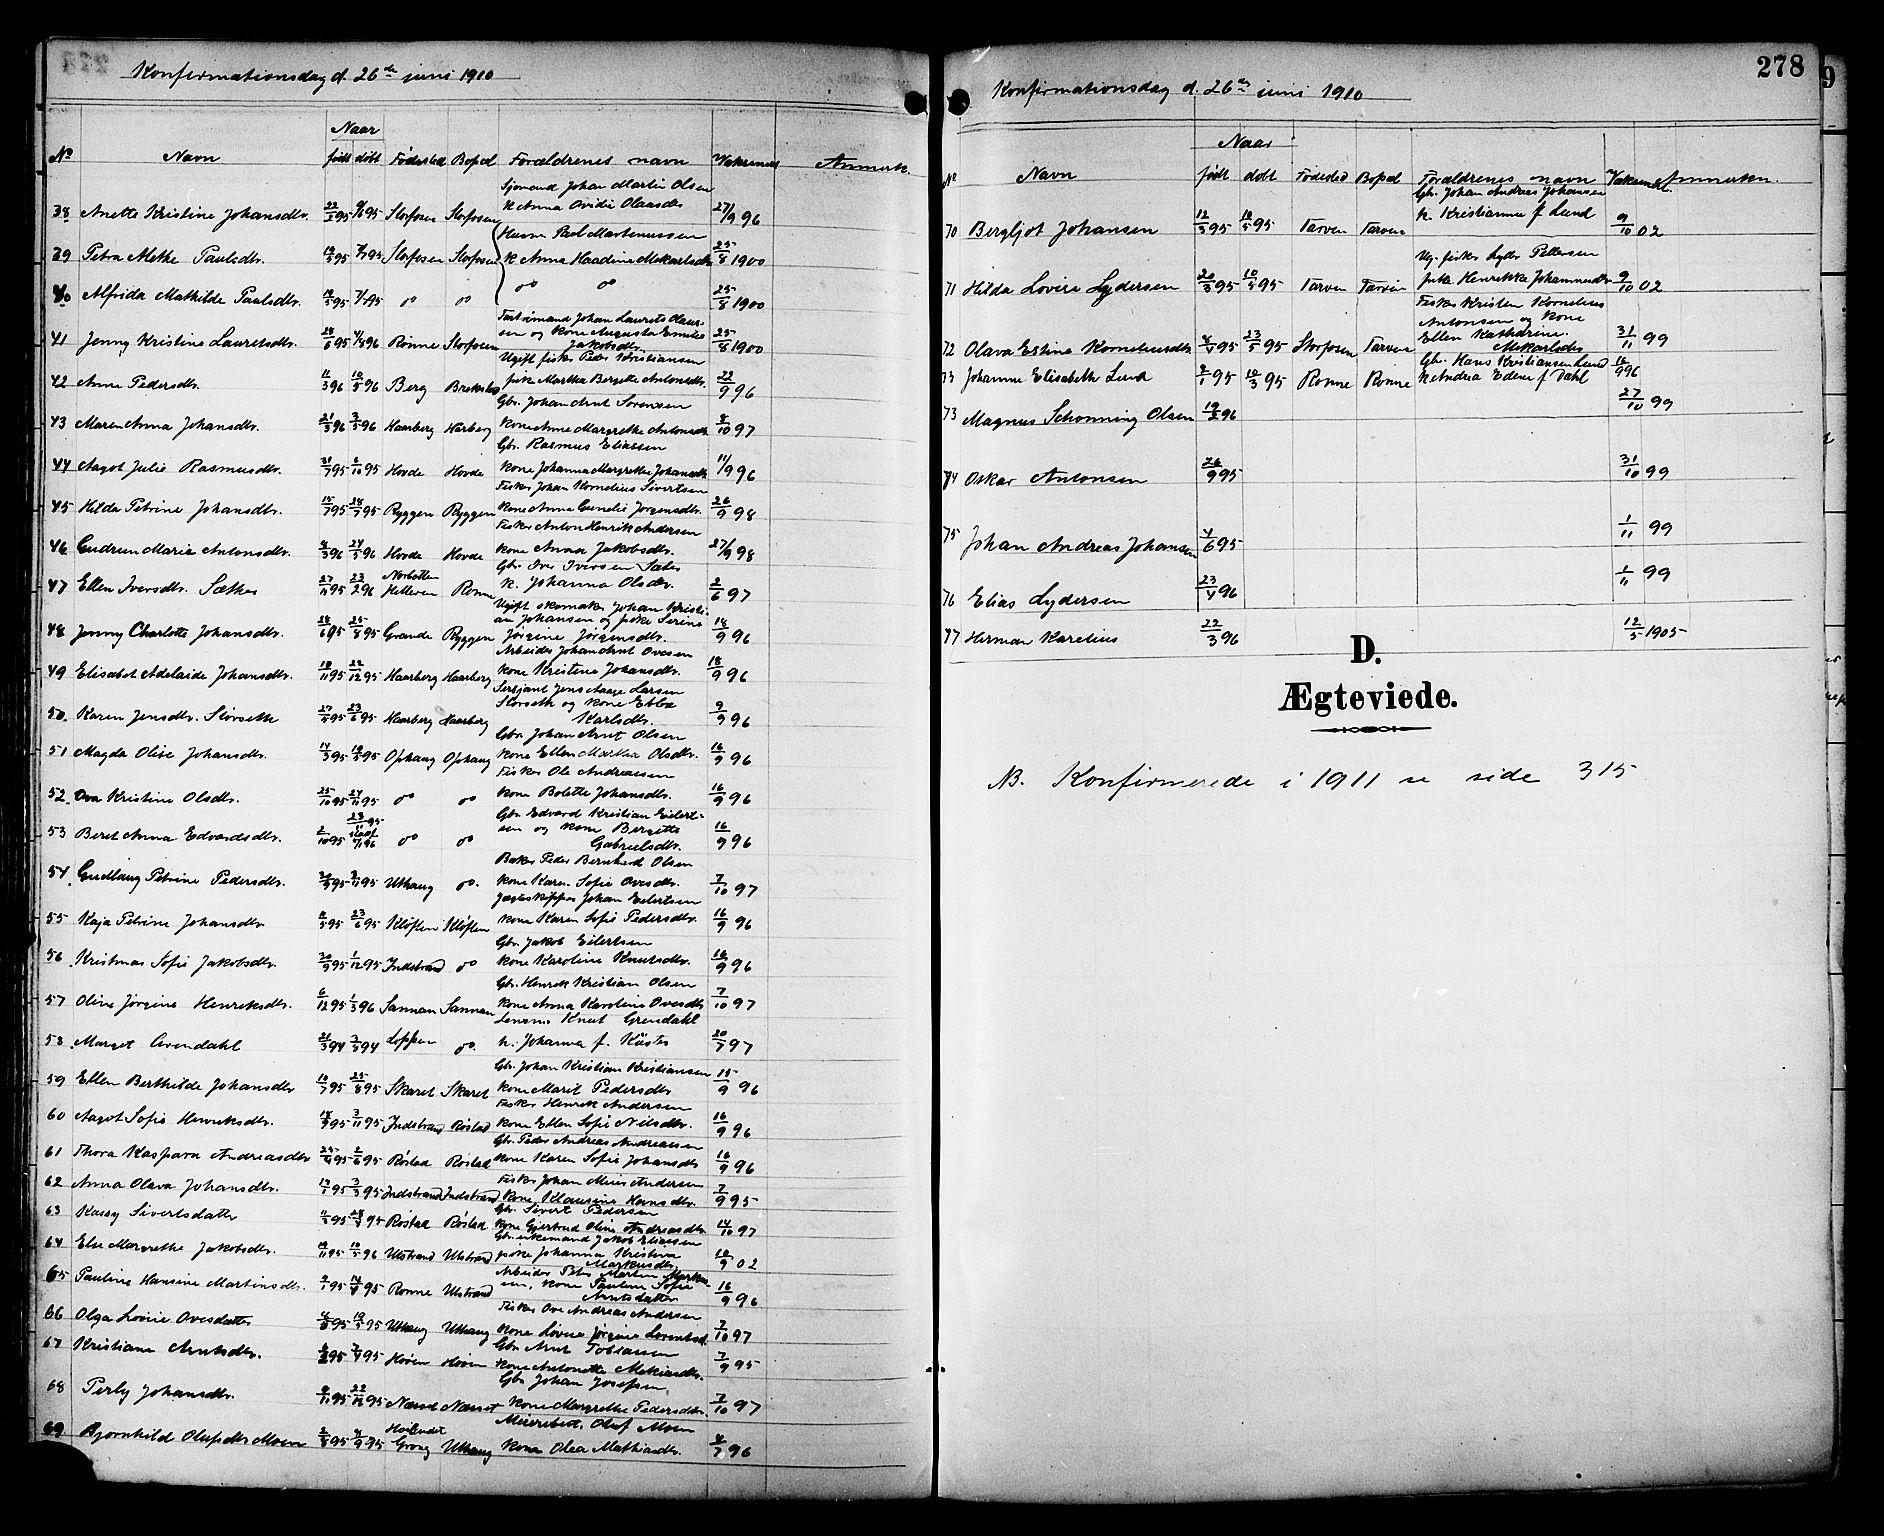 SAT, Ministerialprotokoller, klokkerbøker og fødselsregistre - Sør-Trøndelag, 659/L0746: Klokkerbok nr. 659C03, 1893-1912, s. 278